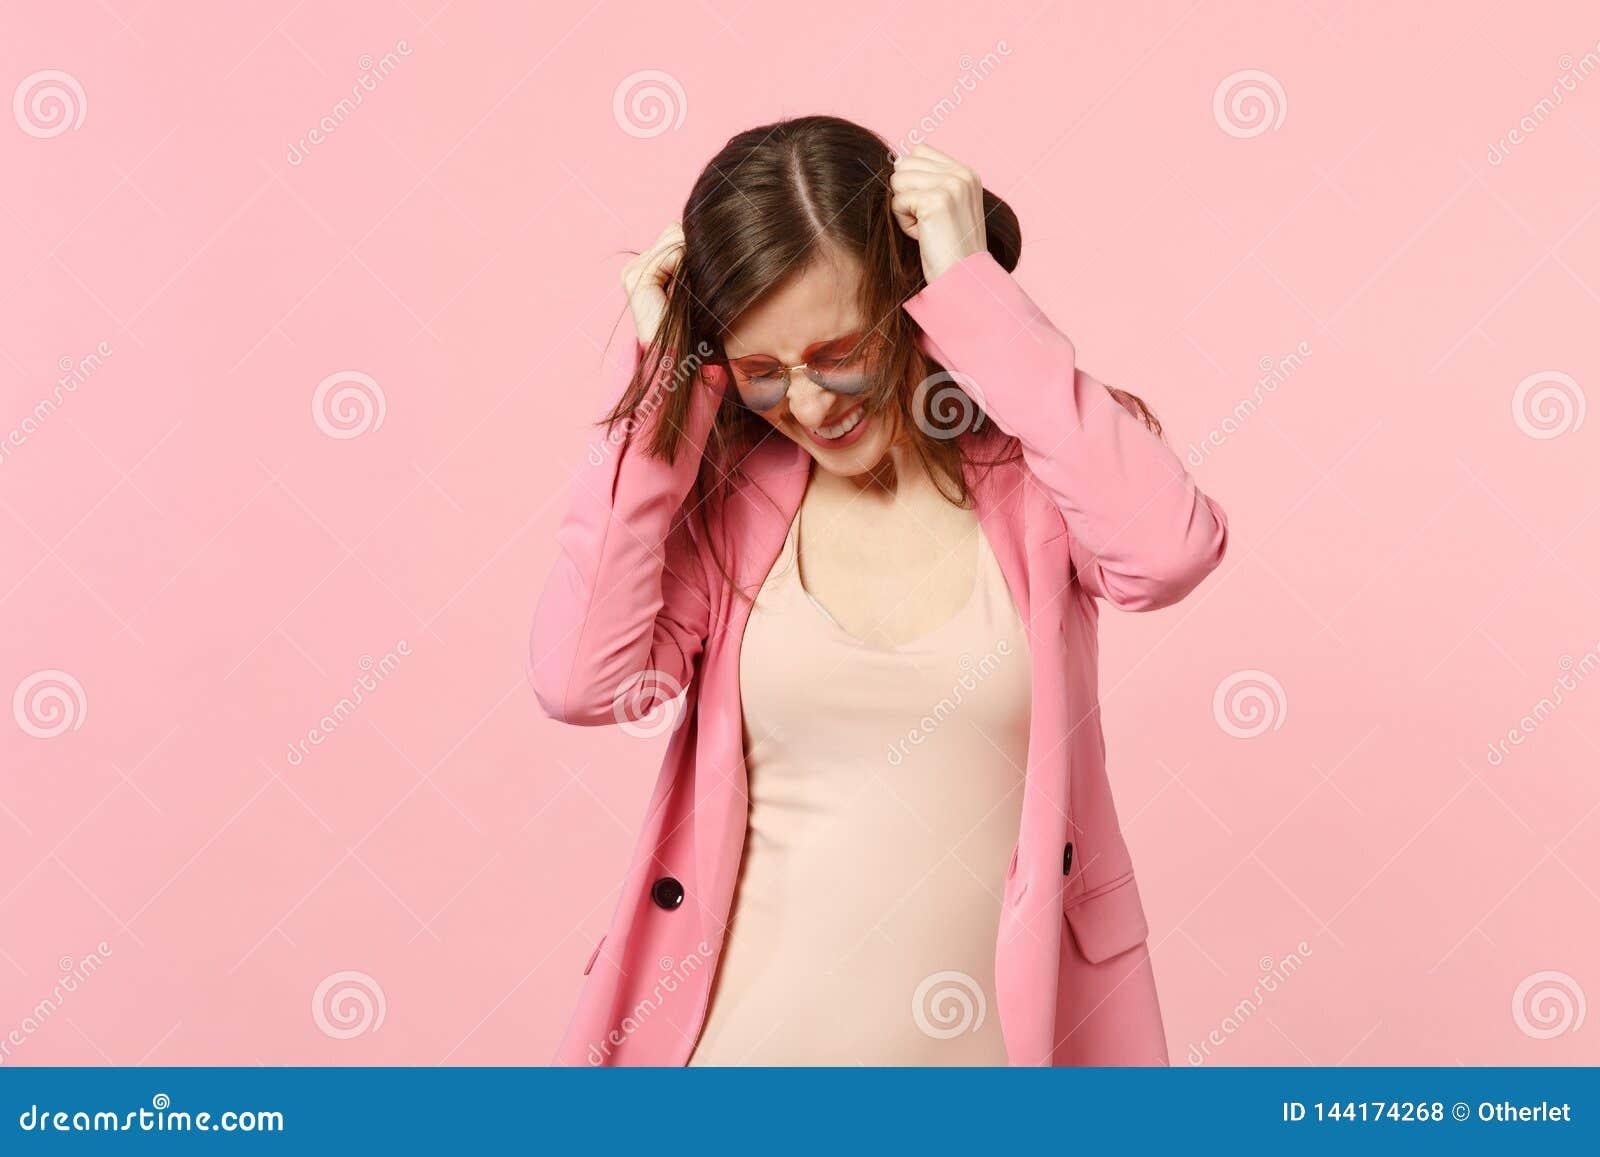 Πορτρέτο της εύθυμης αρκετά νέας γυναίκας στα γυαλιά καρδιών με το χαμηλωμένο κεφάλι που κρατά τα χέρια στην τρίχα στο ροζ κρητιδ